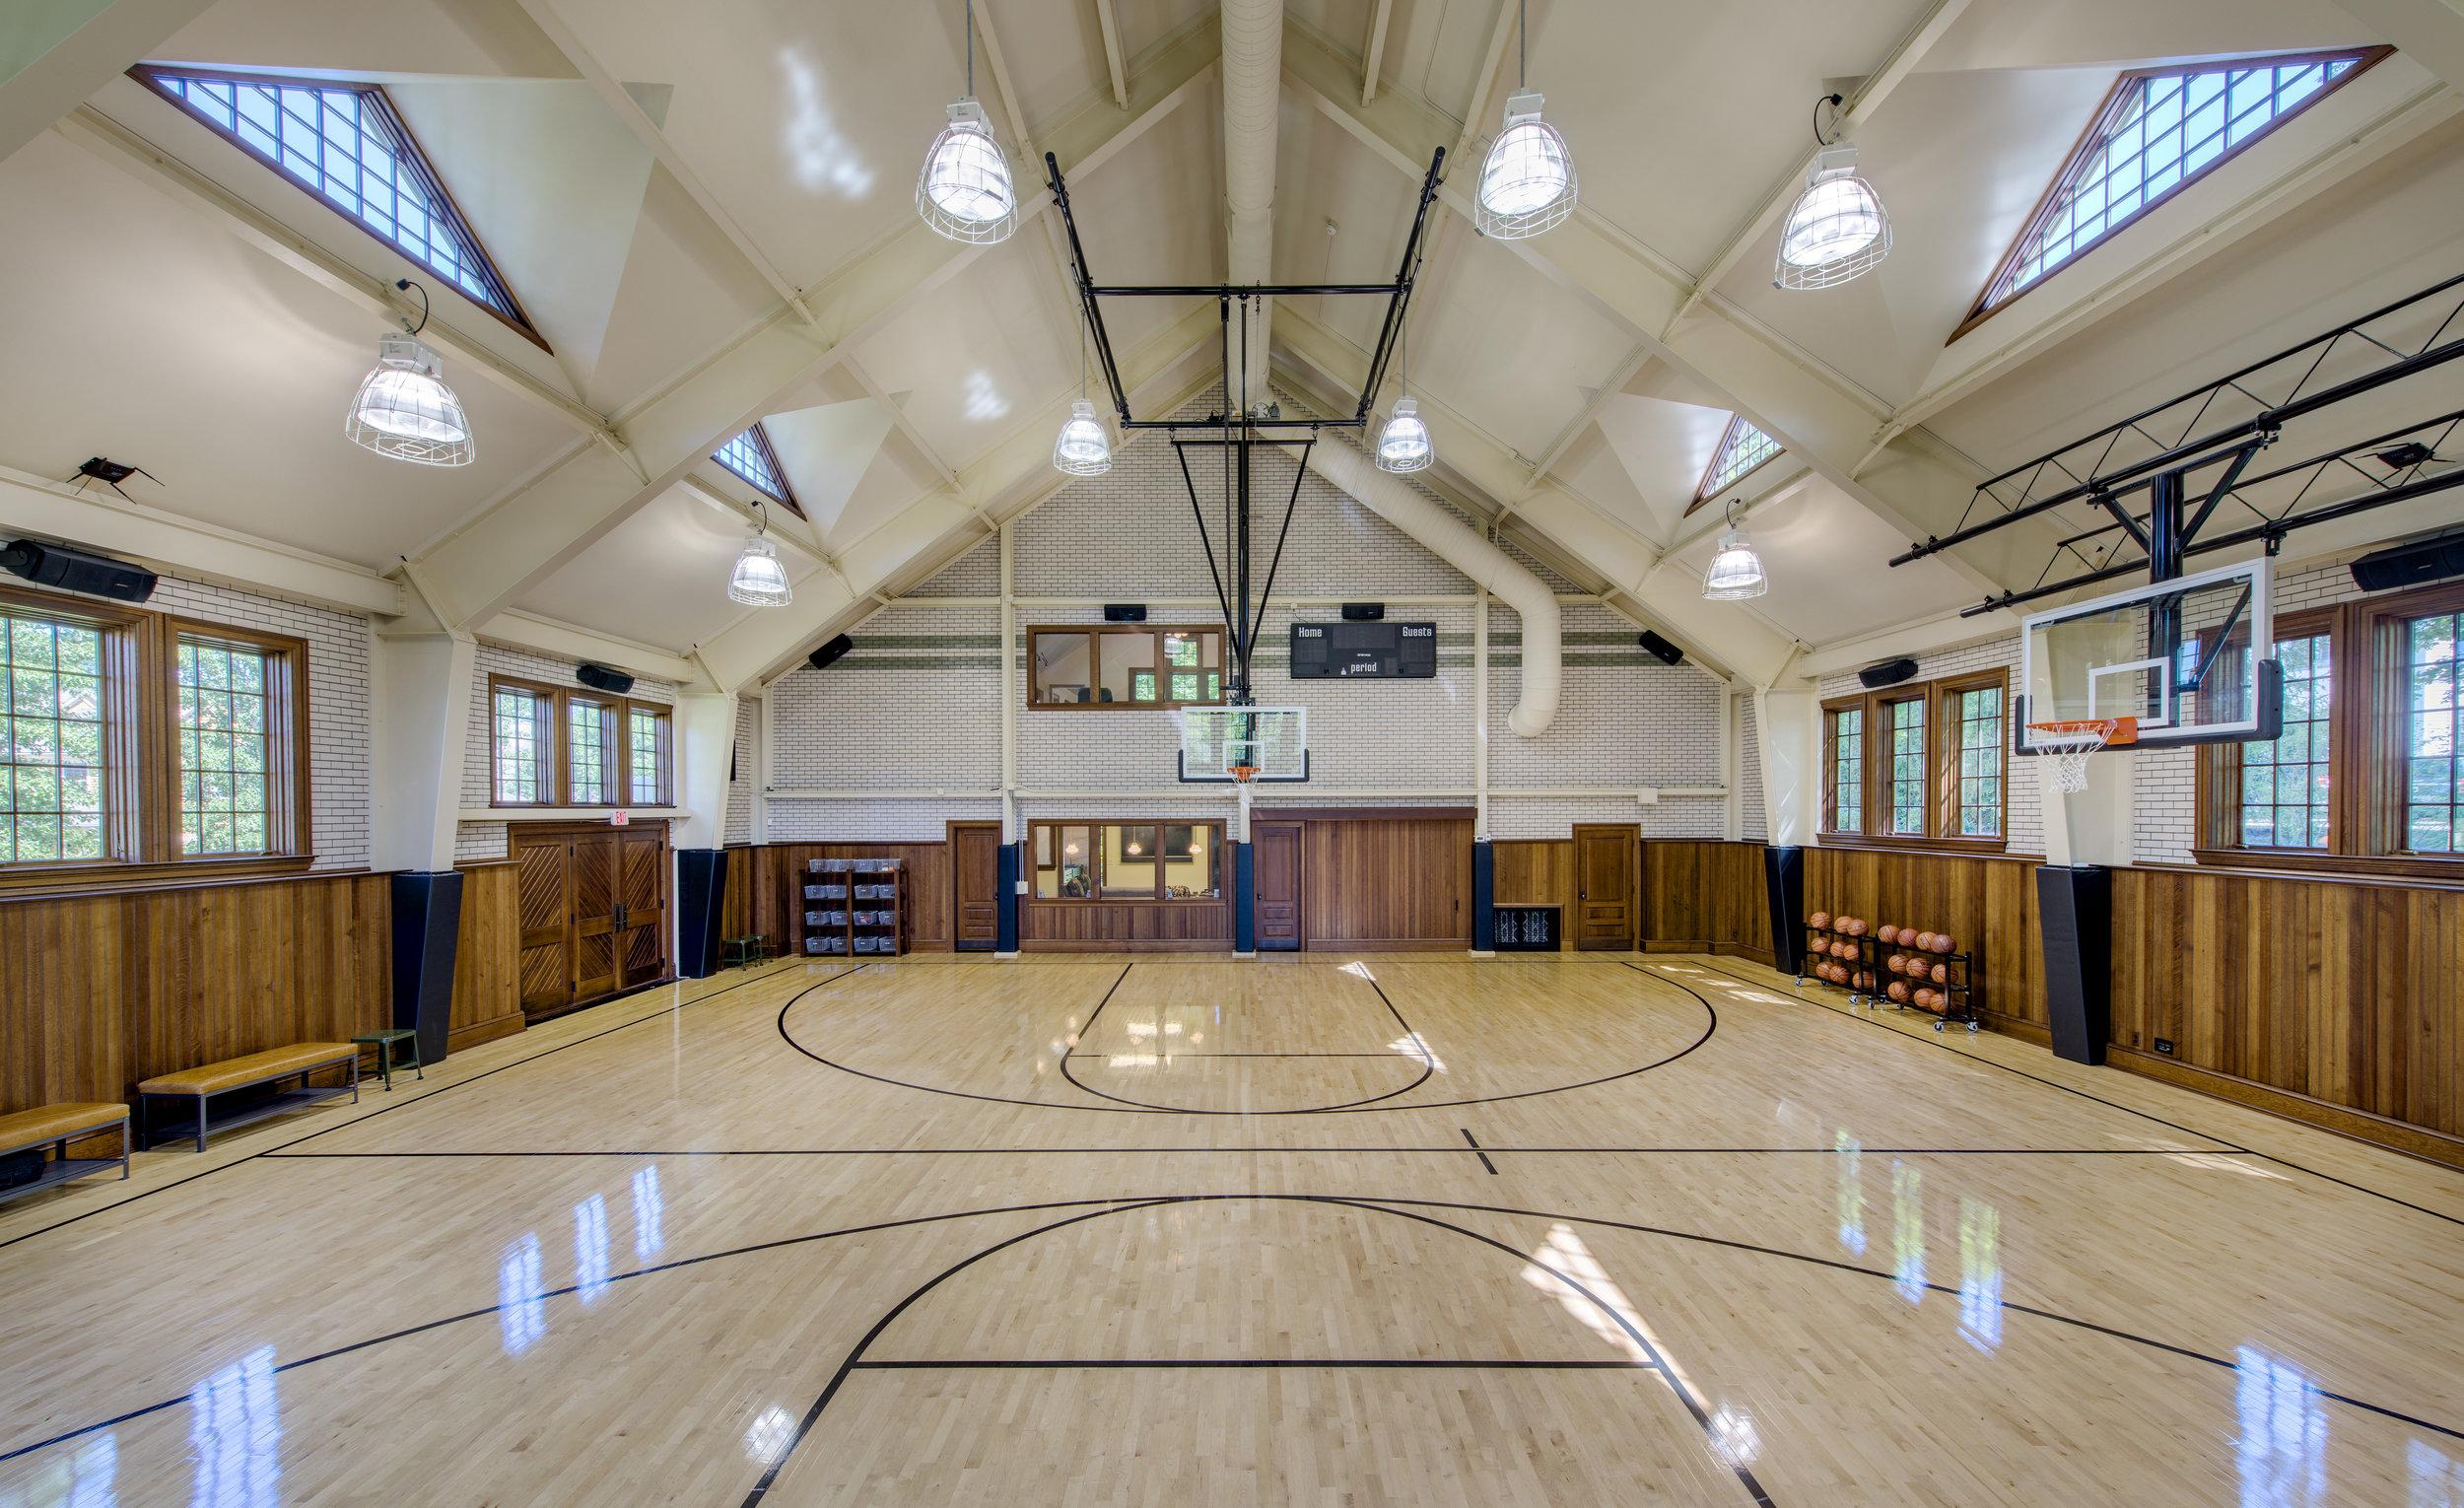 Easton Gym Int 4.jpg